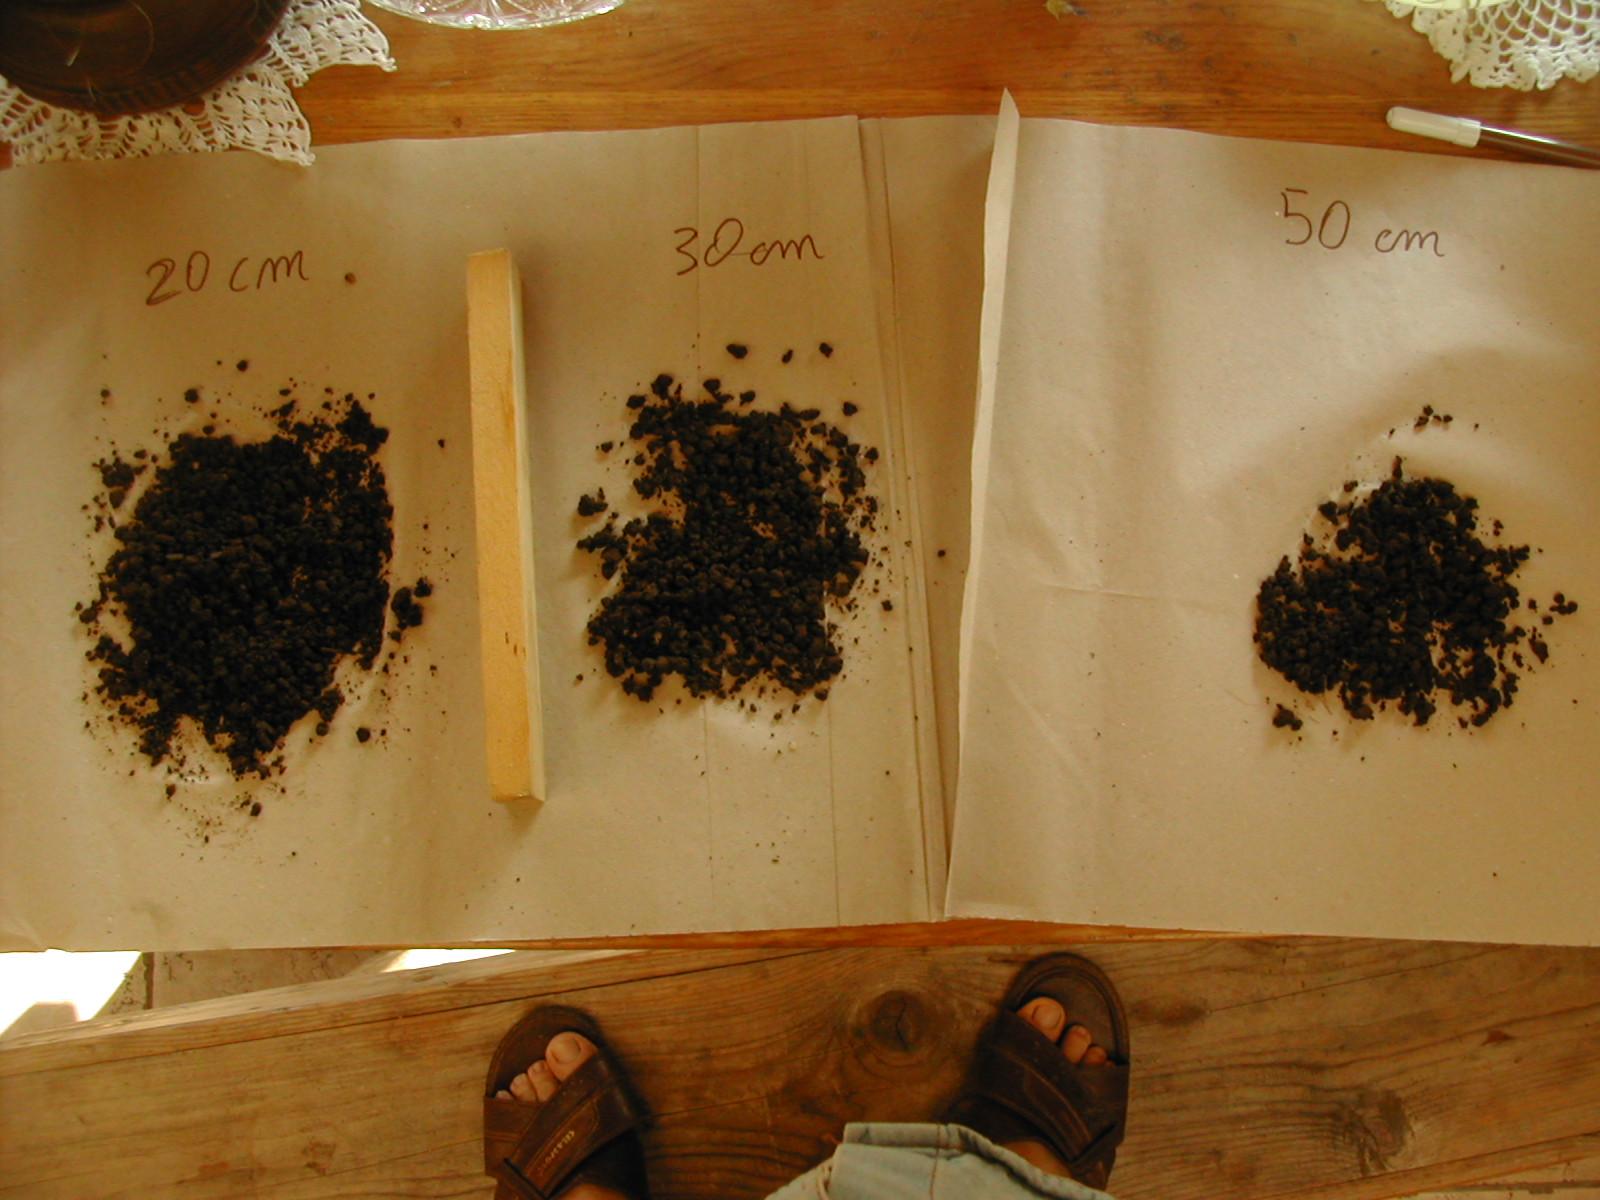 Campdigrano e cromatografia tempa del fico for Utensili per prelevare campioni di terreno